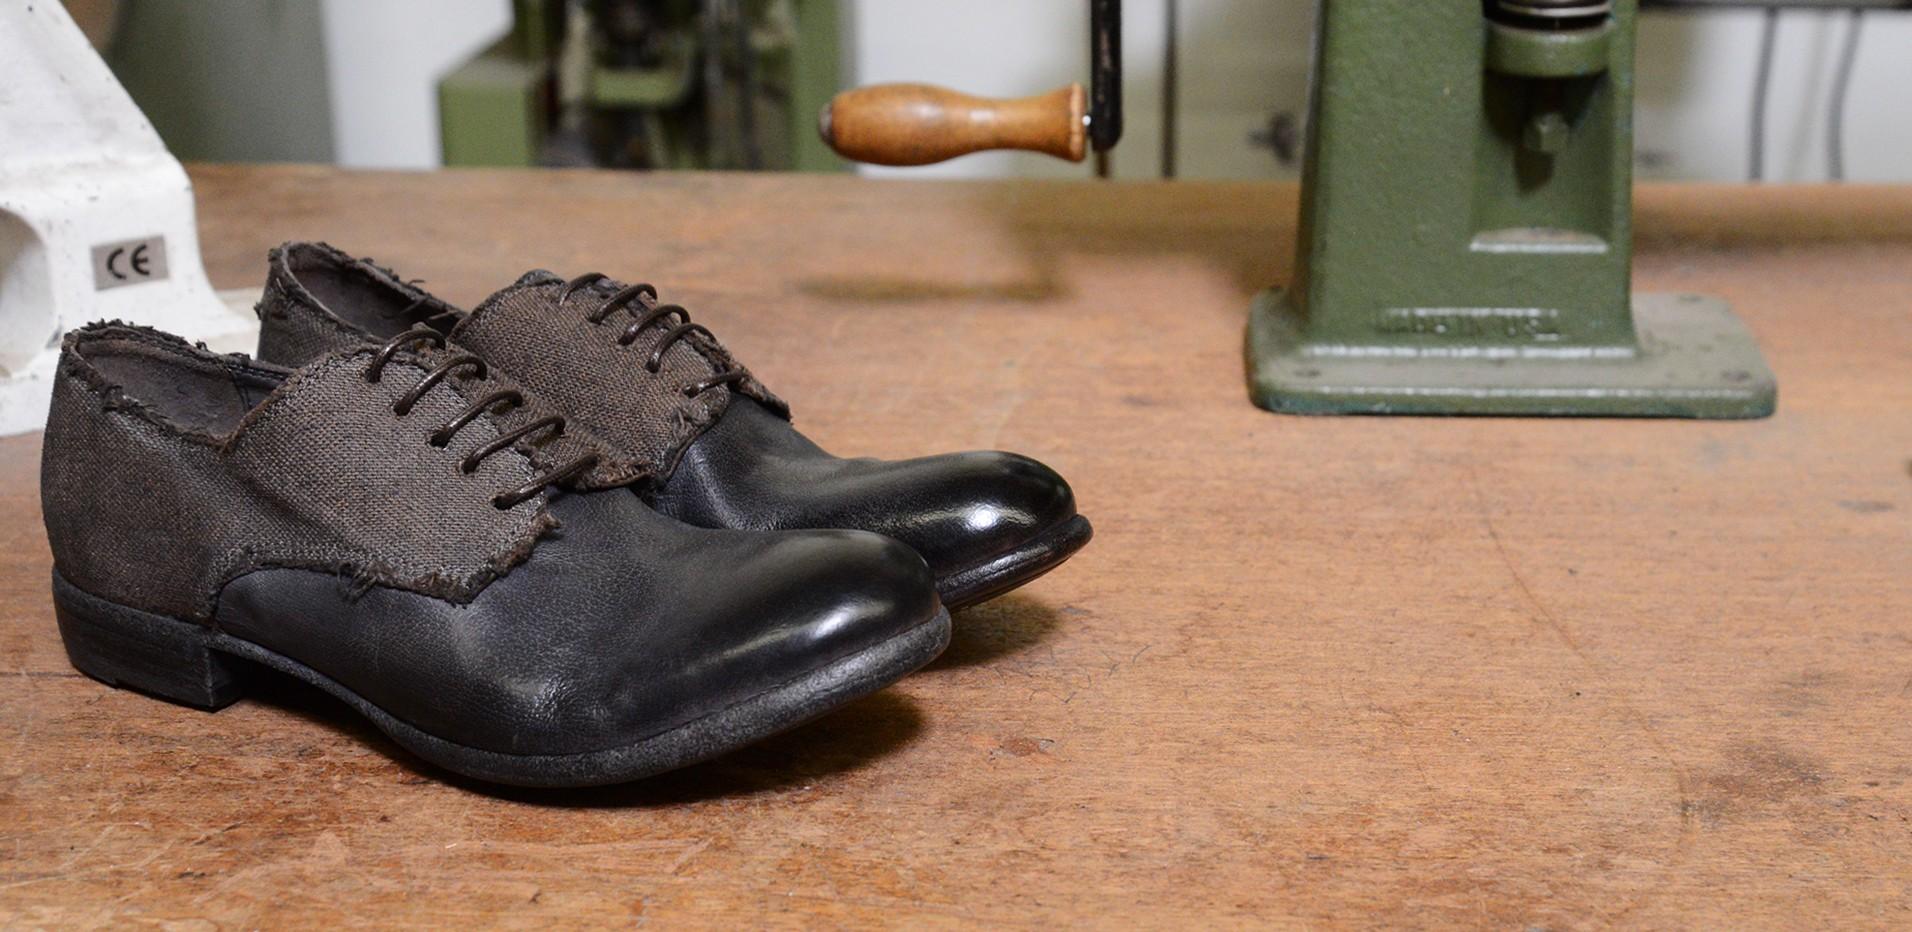 Adriana Shoes, bedstu.com, $335